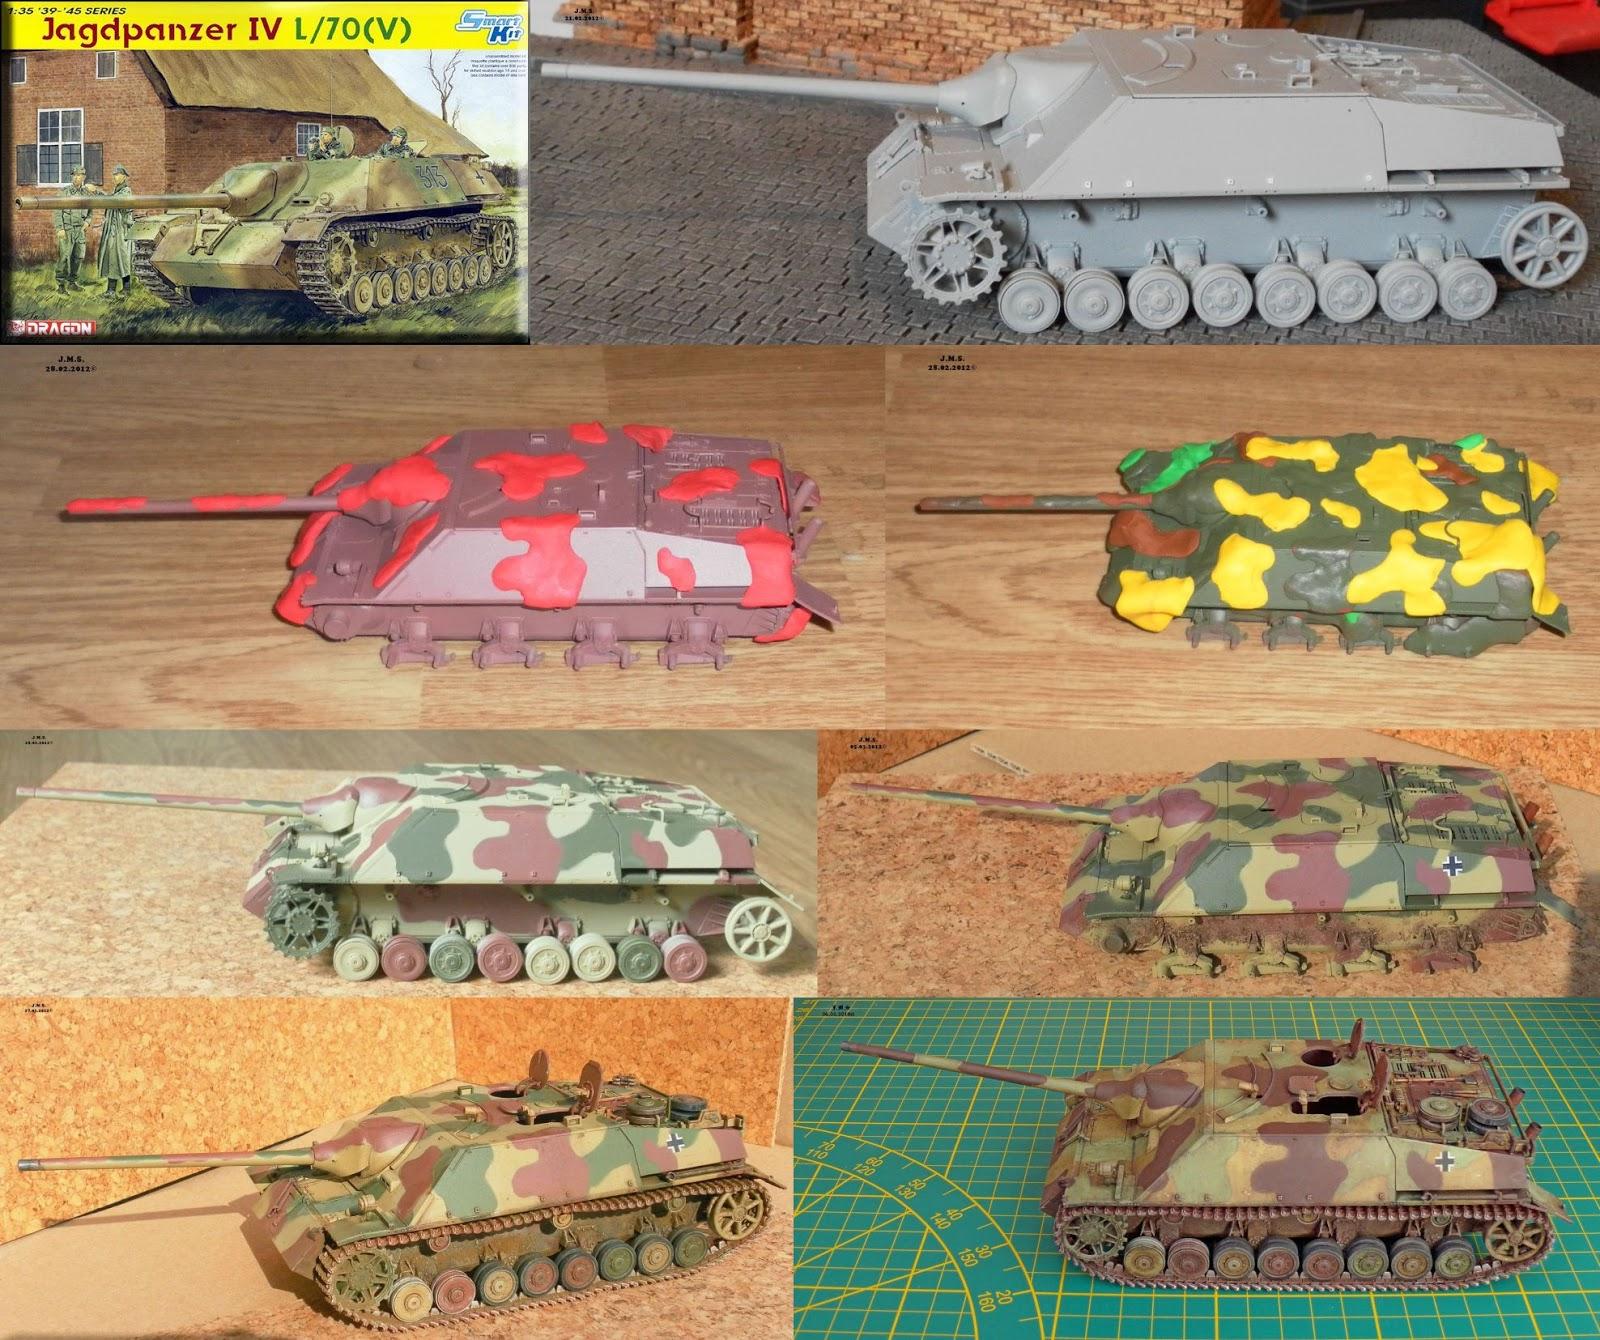 Grenadier in scale: Jagdpanzer IV L70(V) DML6397